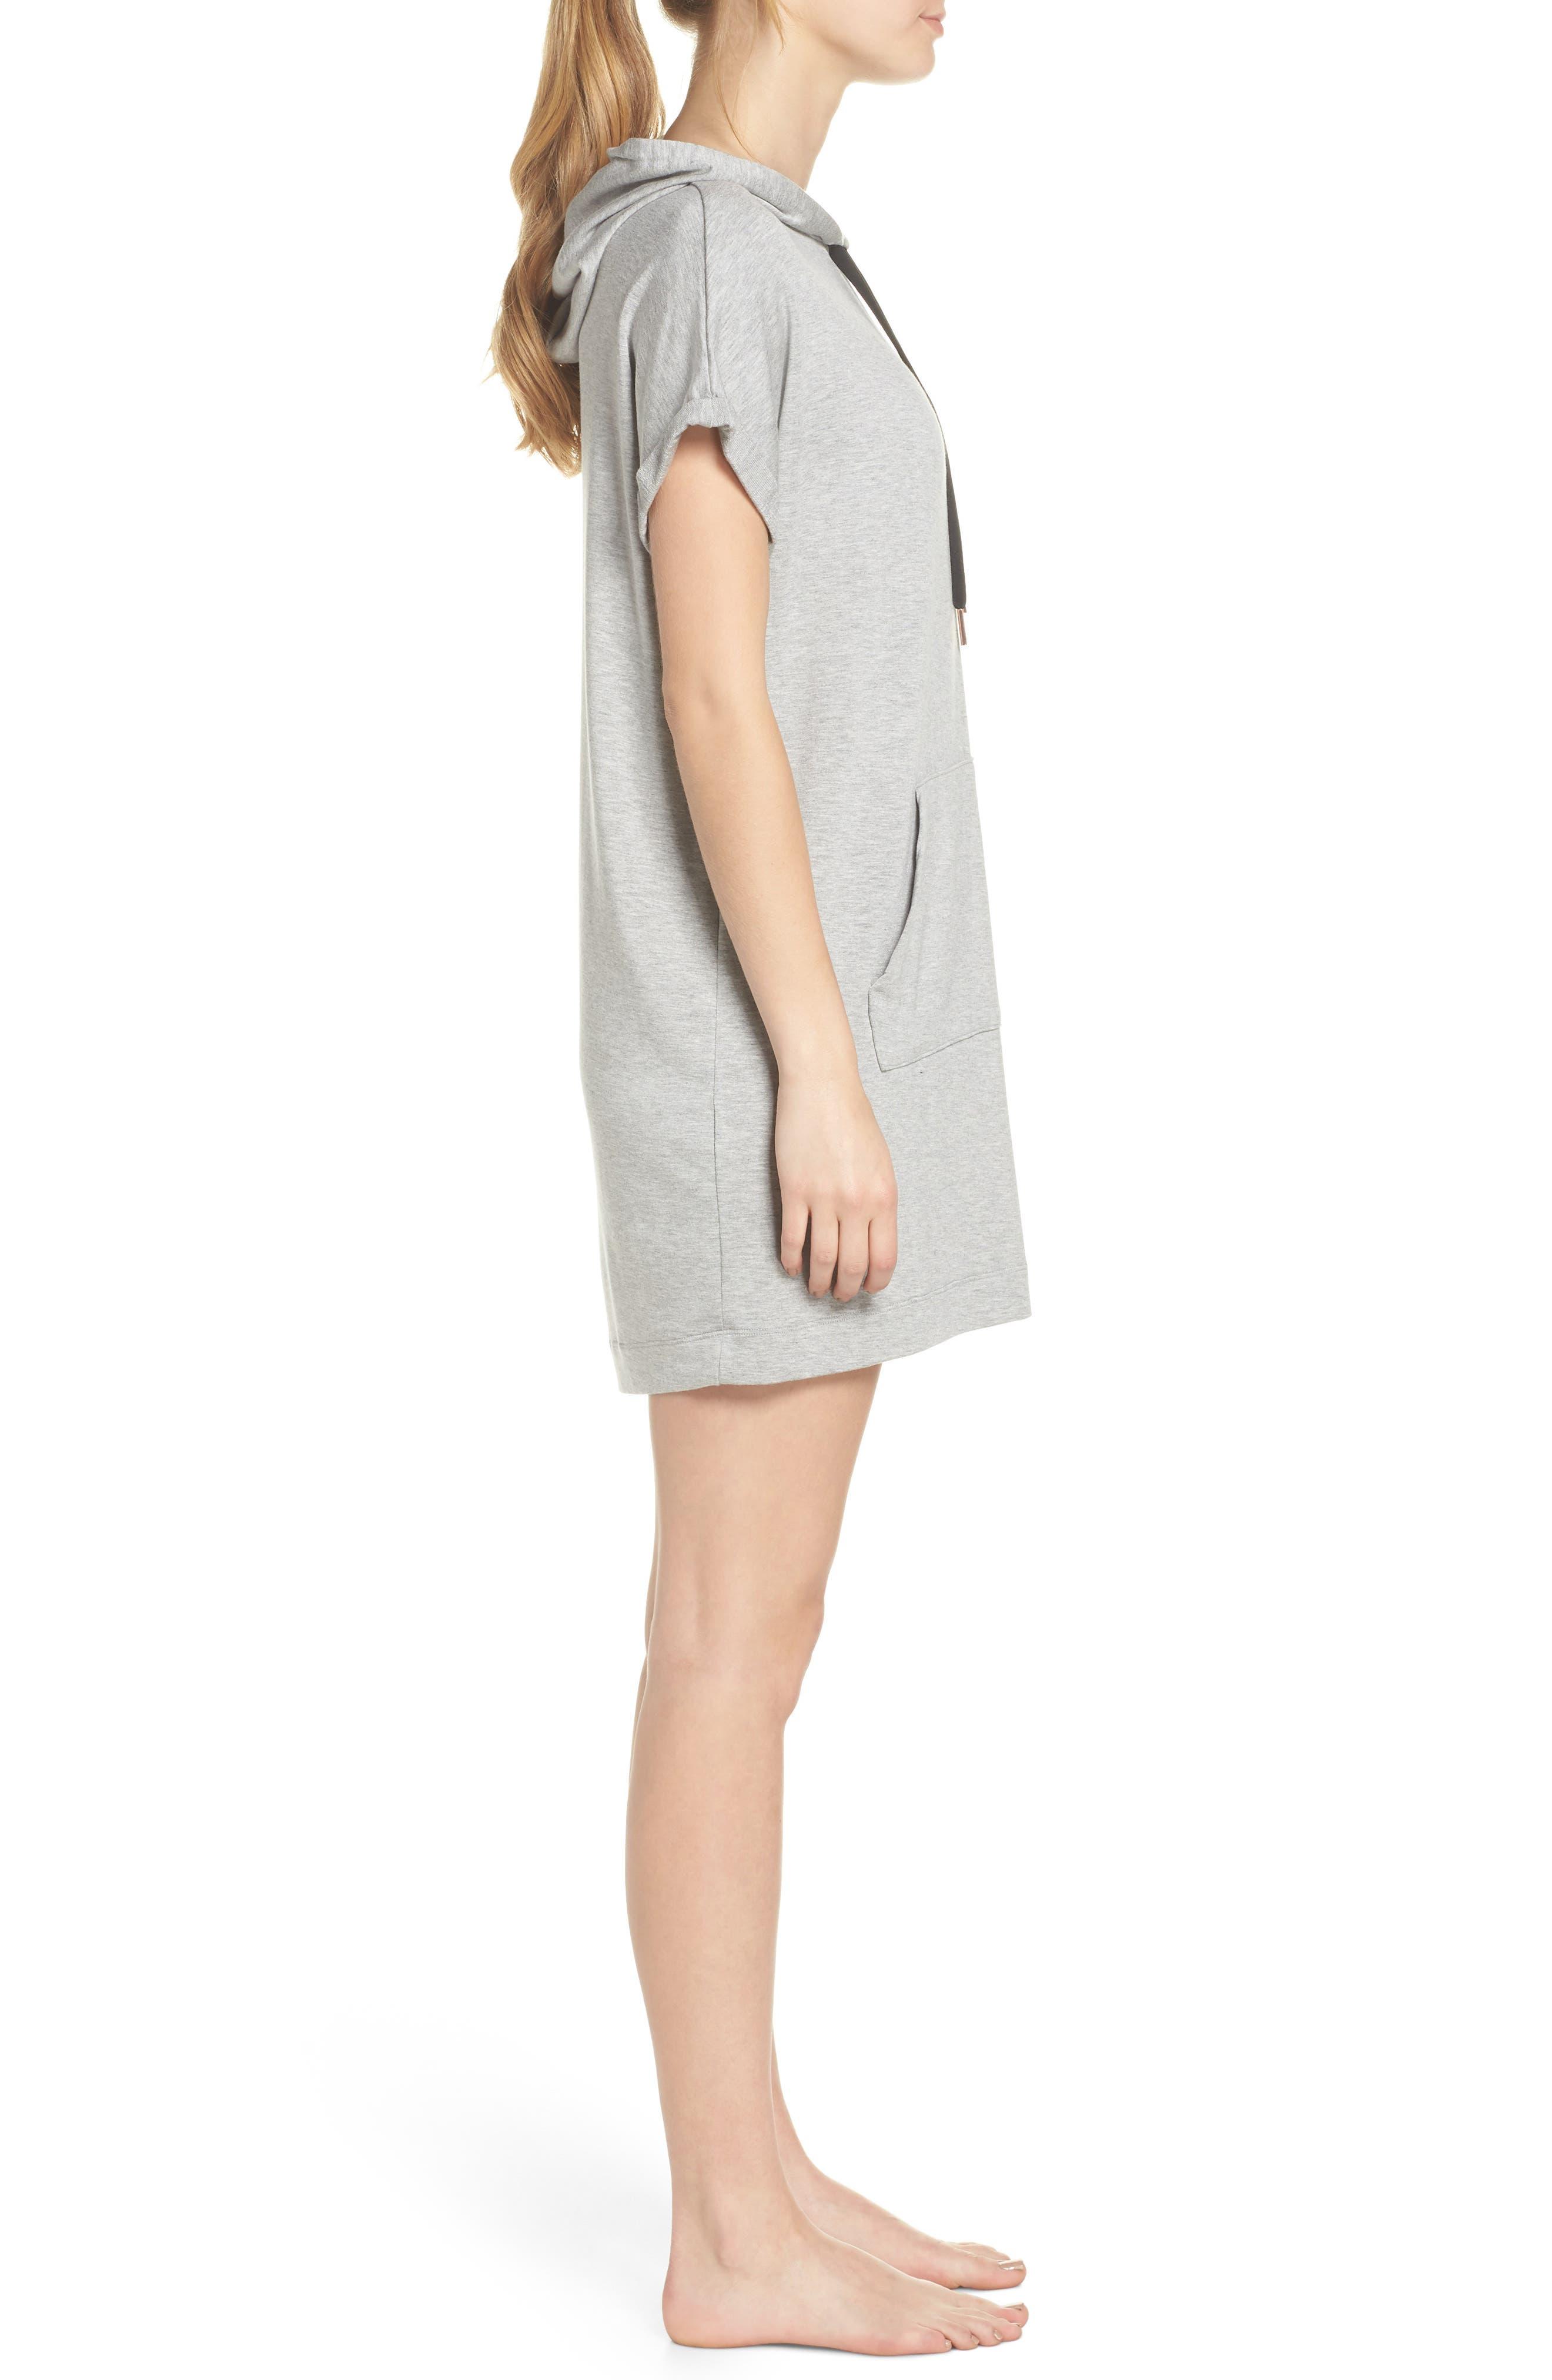 It's All Hoodie Hooded Sweatshirt Dress,                             Alternate thumbnail 3, color,                             023